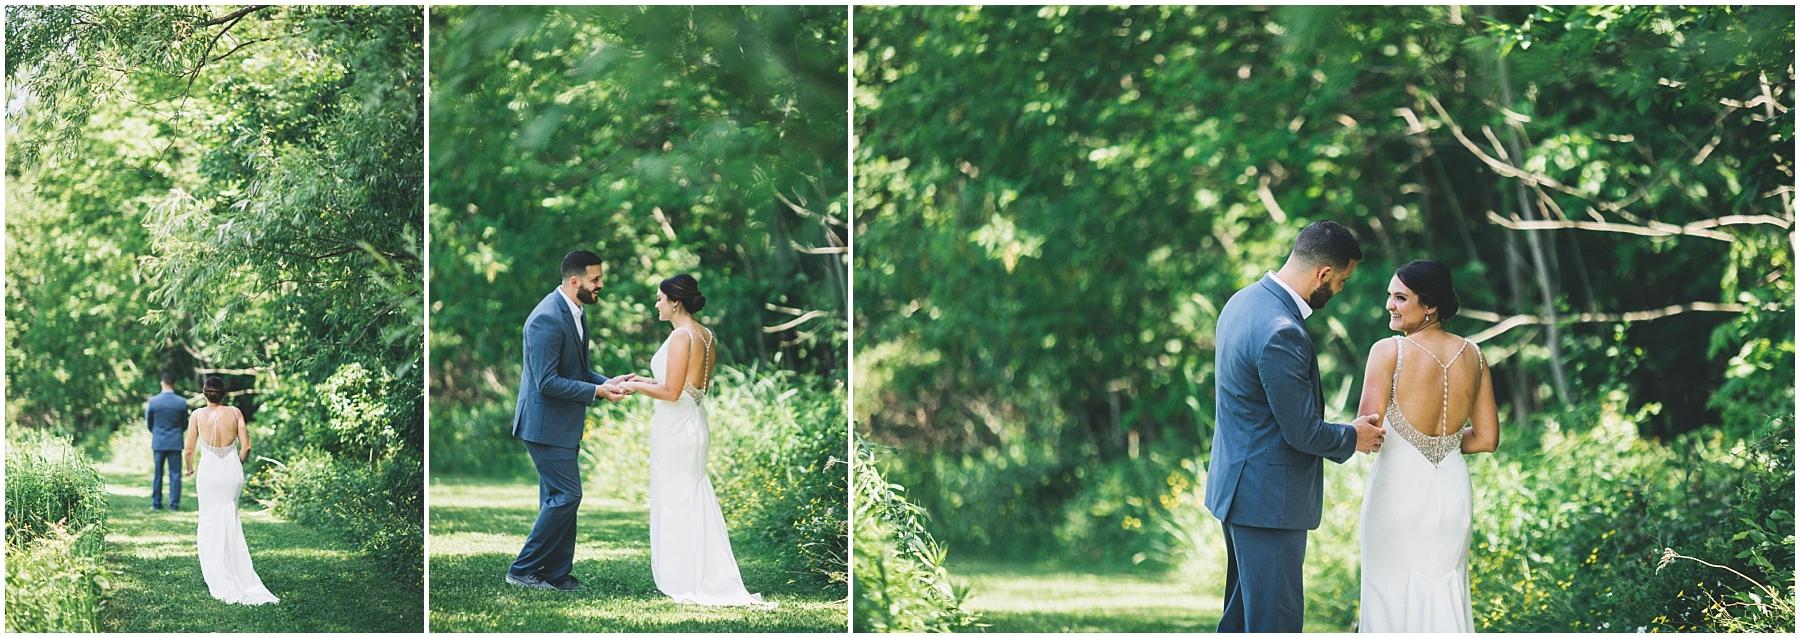 fingerlakesweddingphotography_0608.jpg